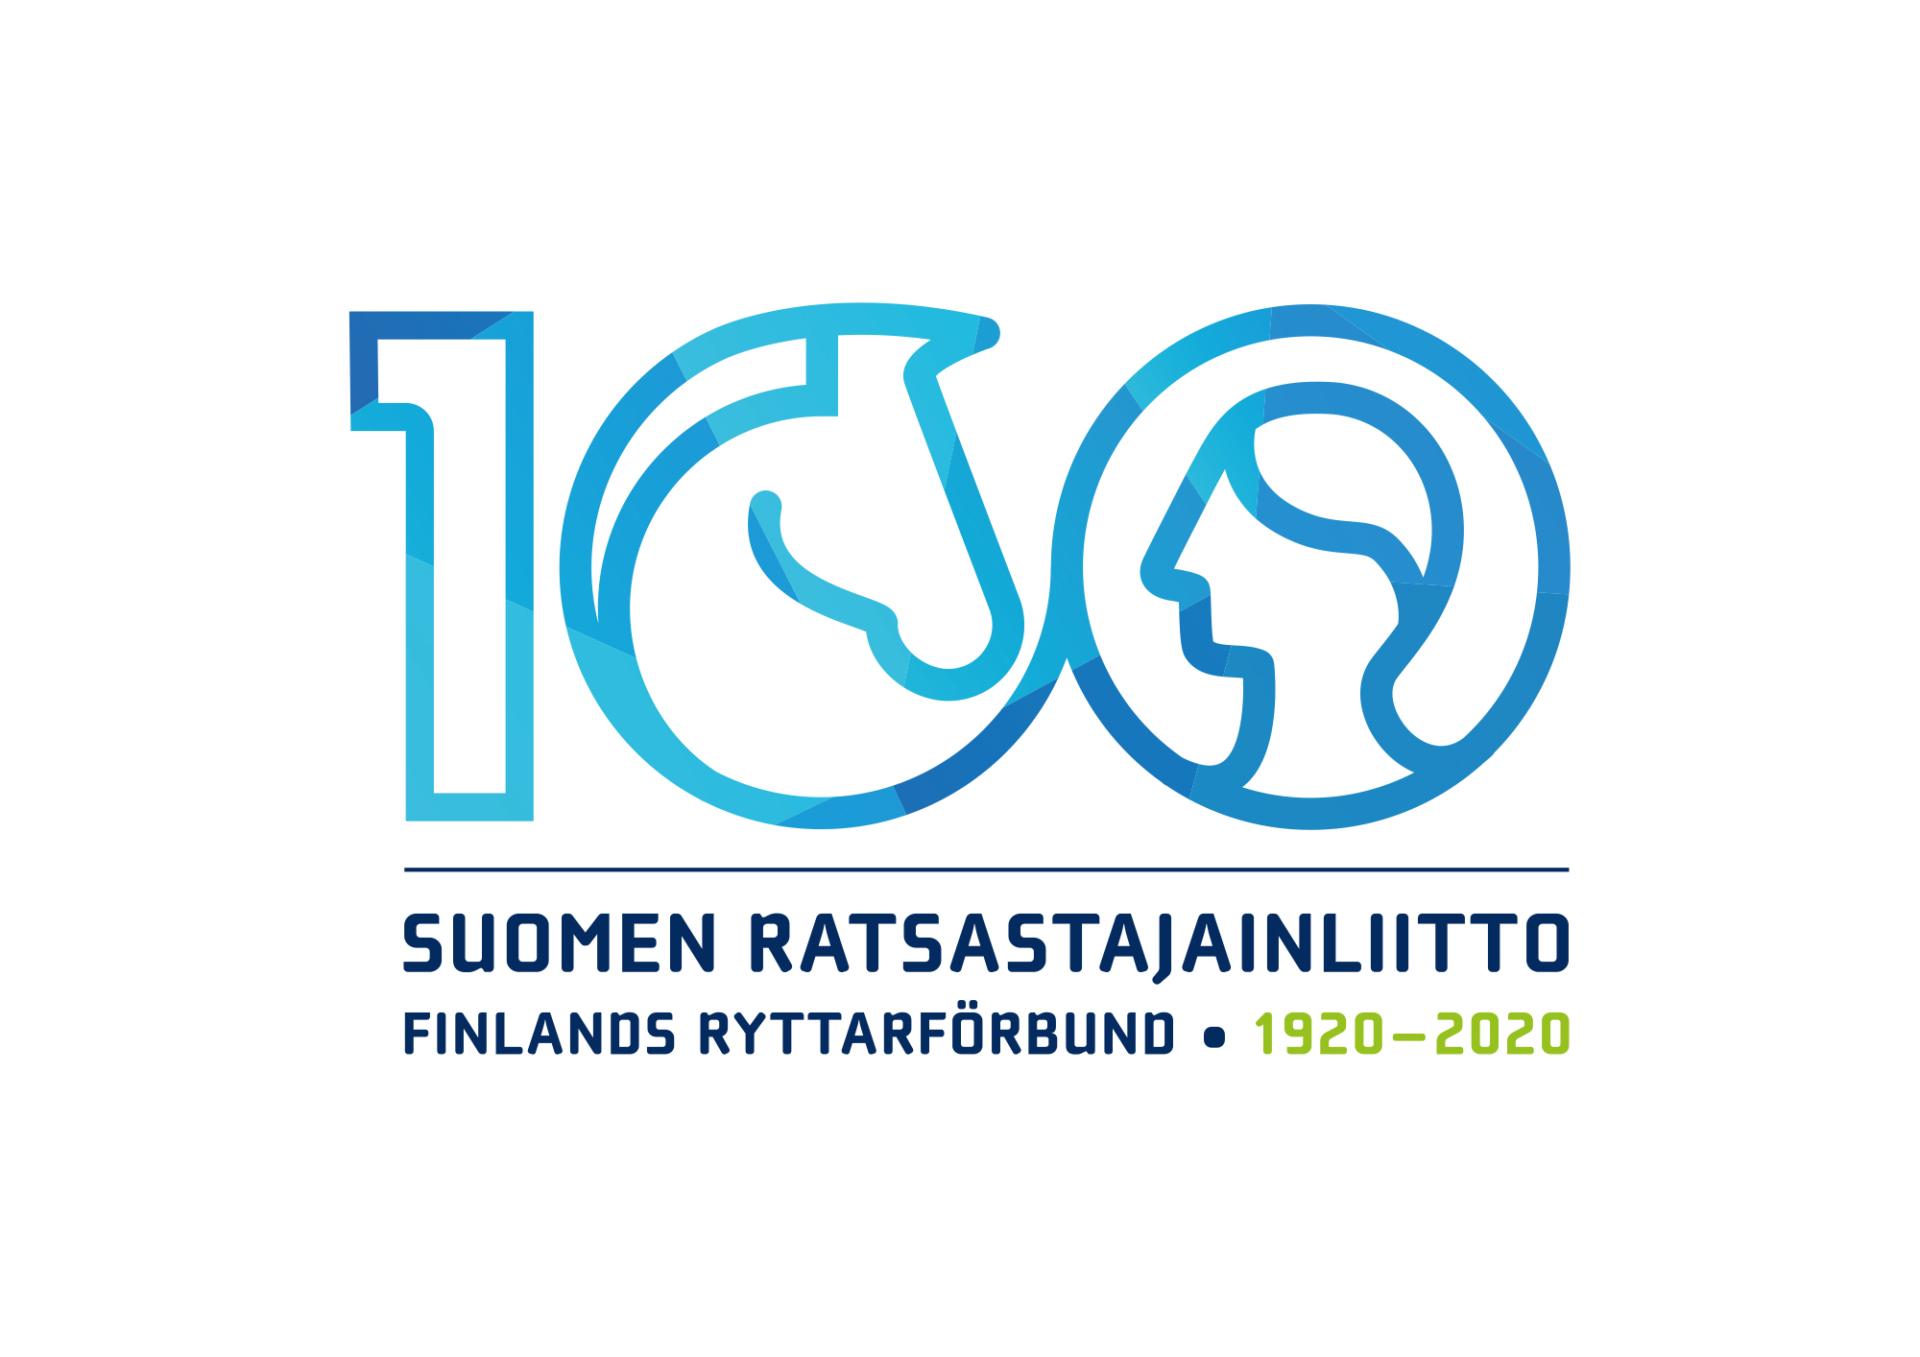 Suomen Ratsastajainliiton 100-vuotisjuhlalogo.